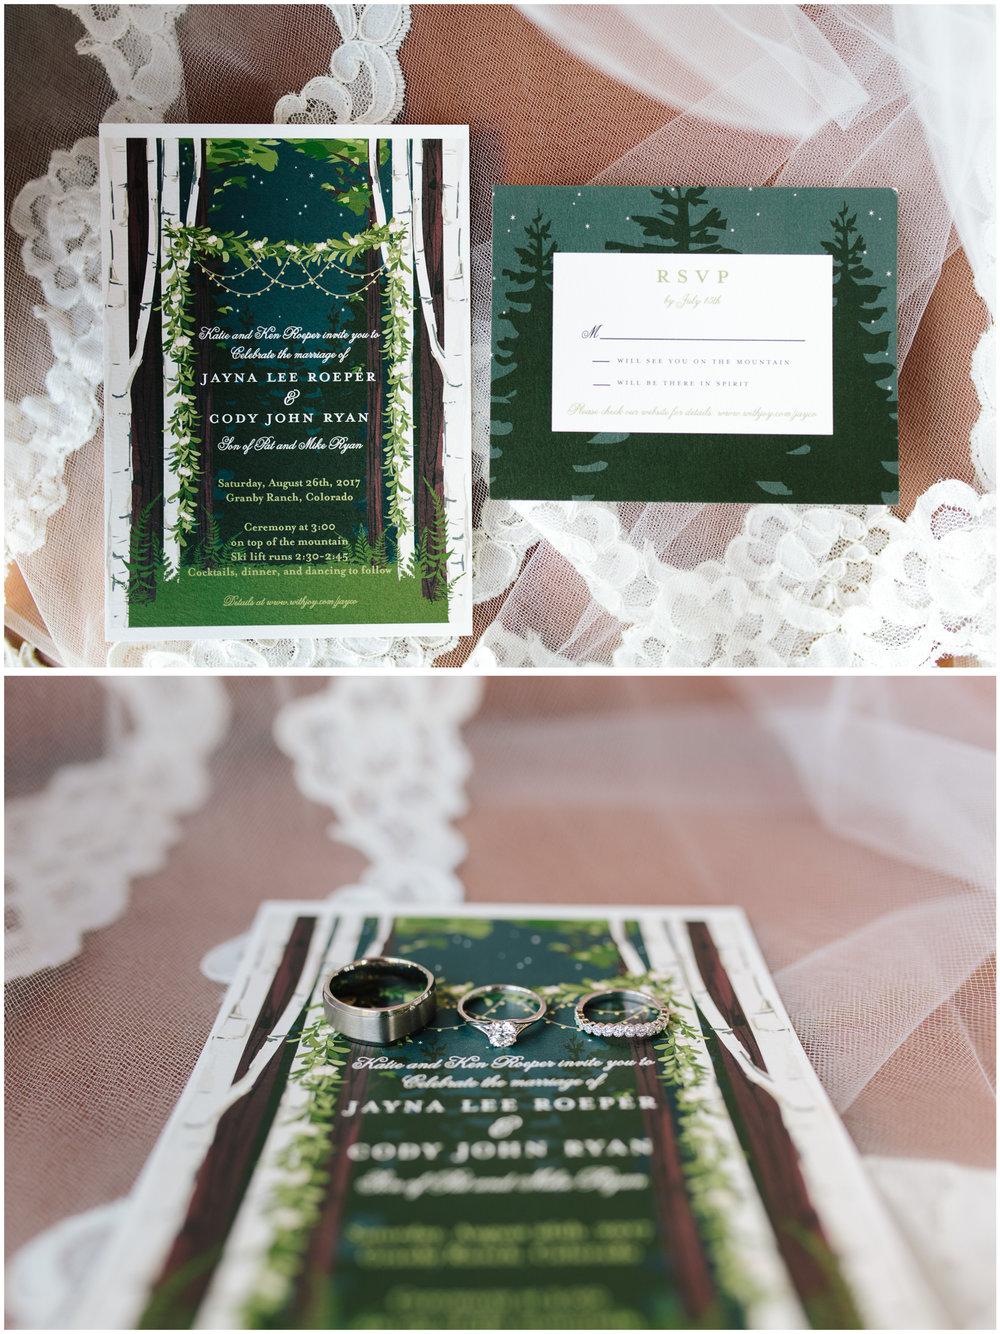 granby_colorado_wedding_3.jpg